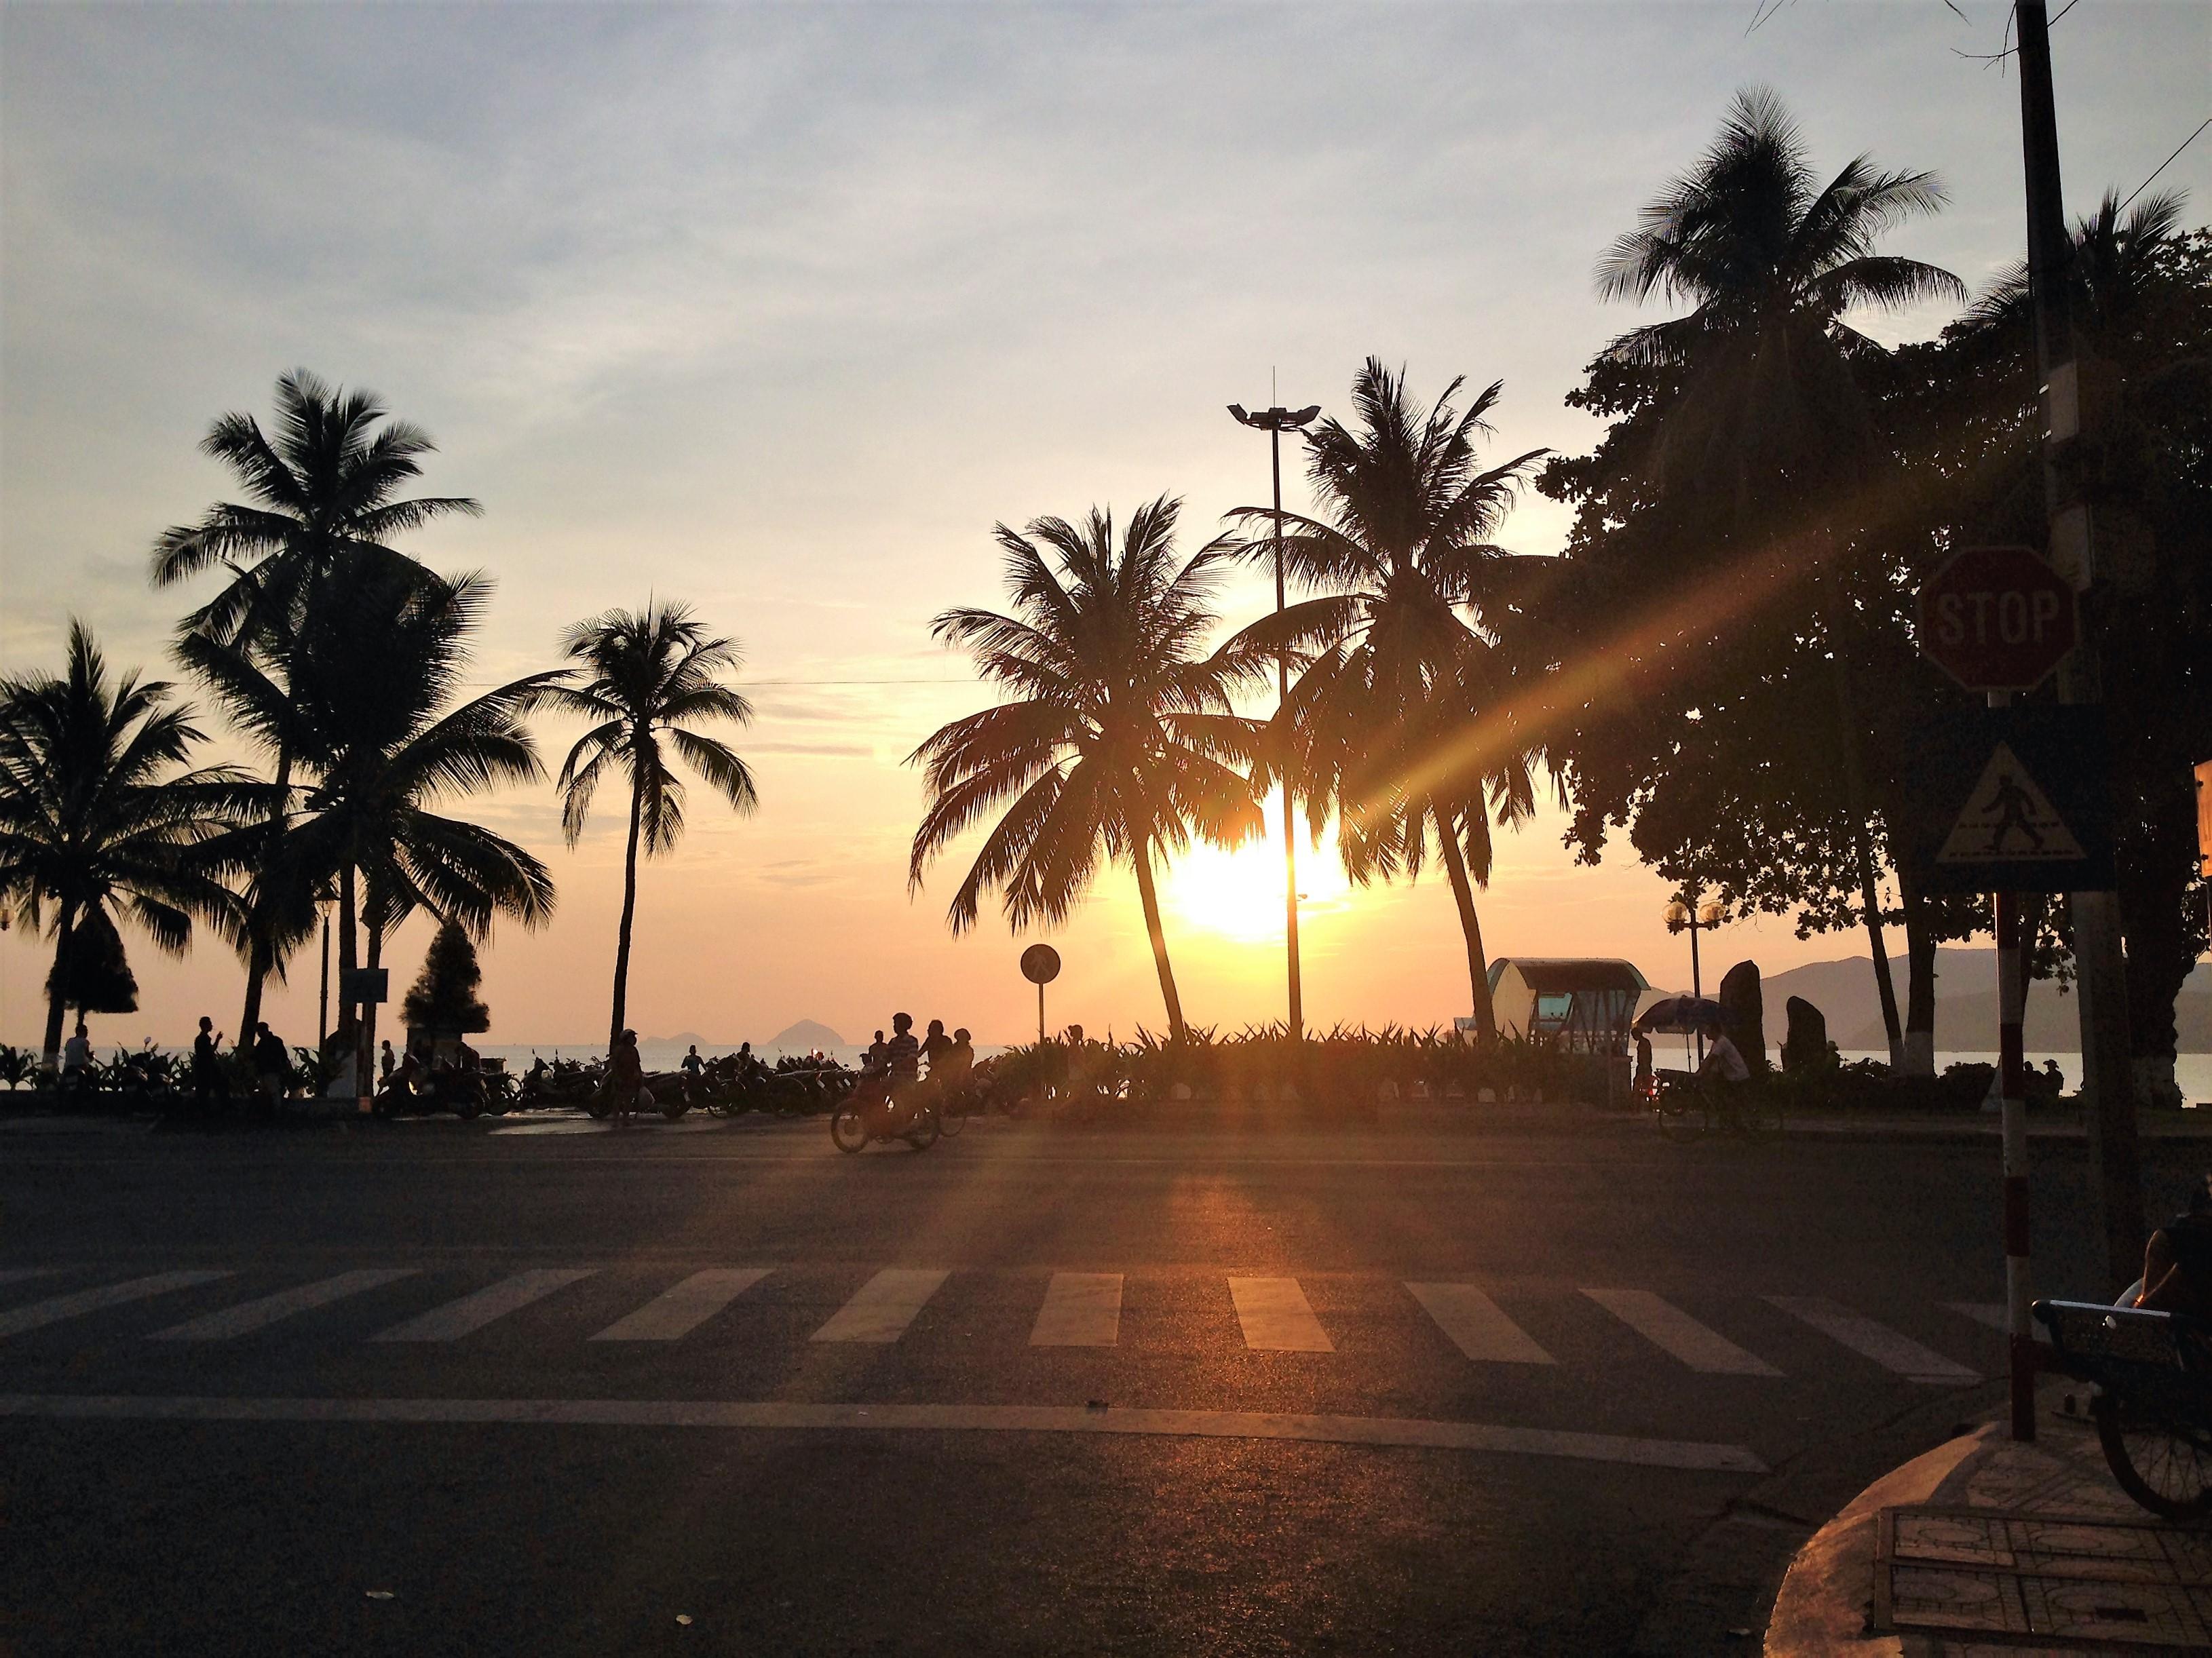 Sunrise at Na Trang, Vietnam